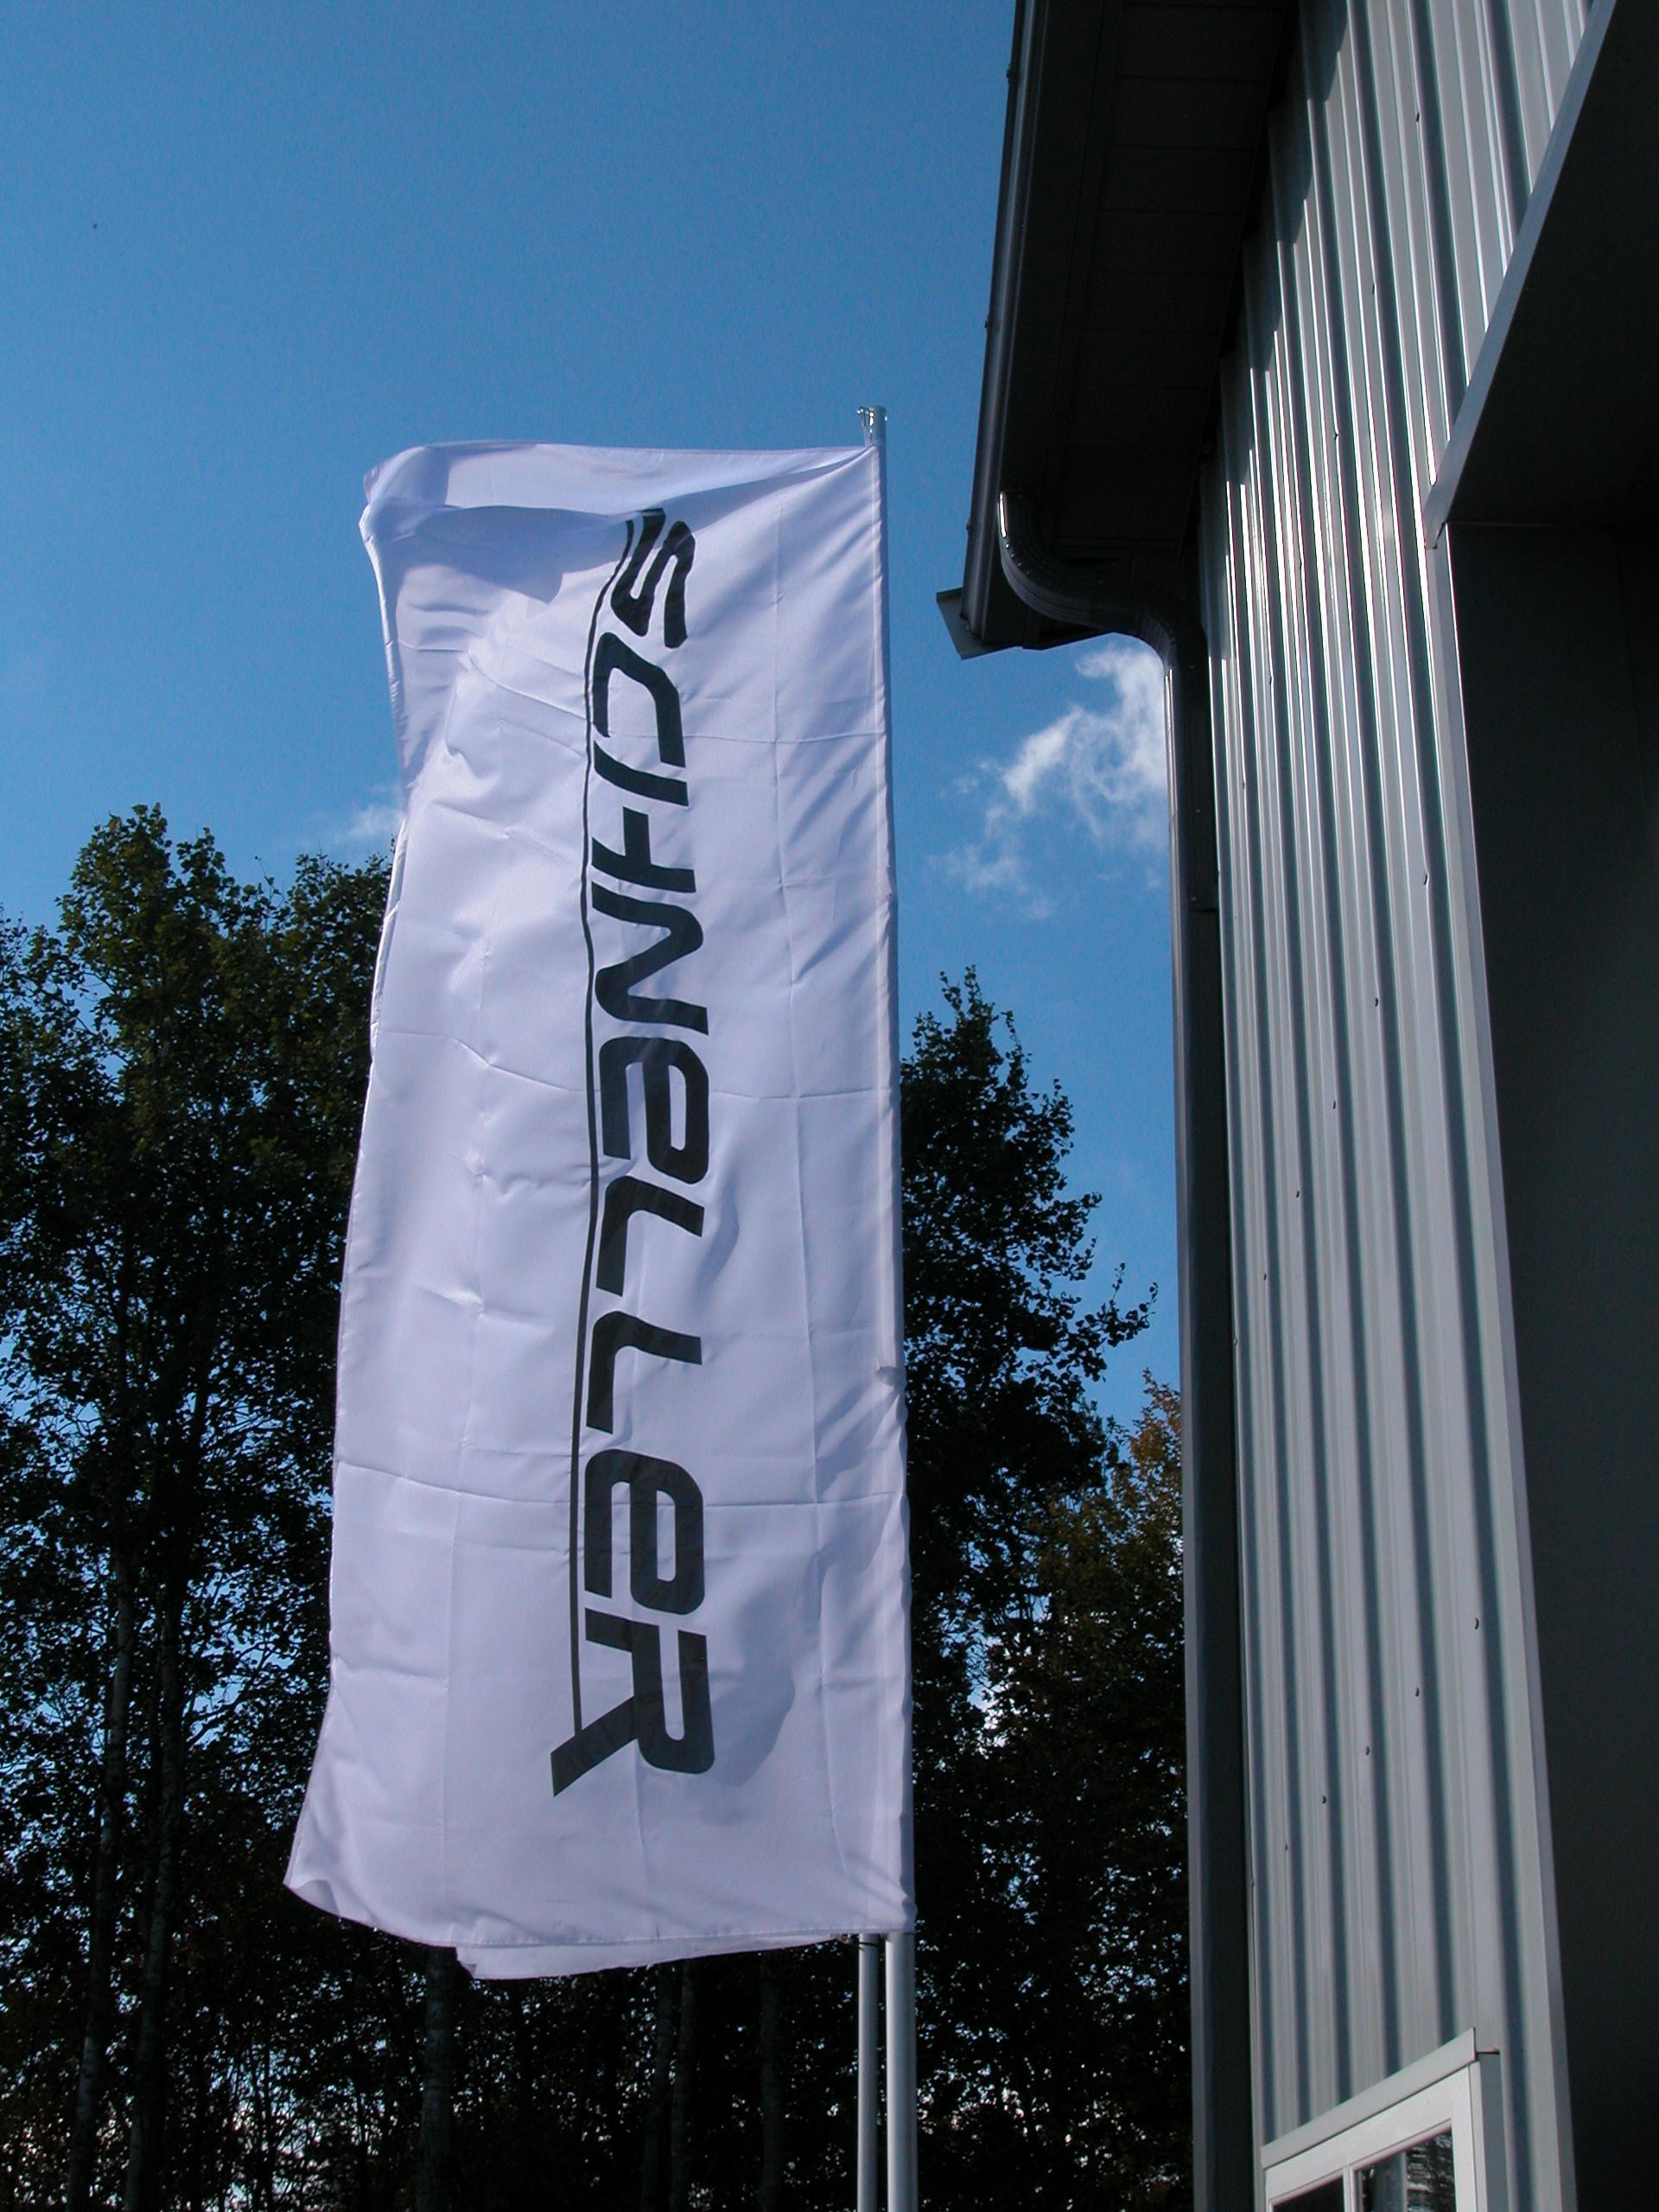 Schneller Bmw Performance - Newbury, MA - General Auto Repair & Service